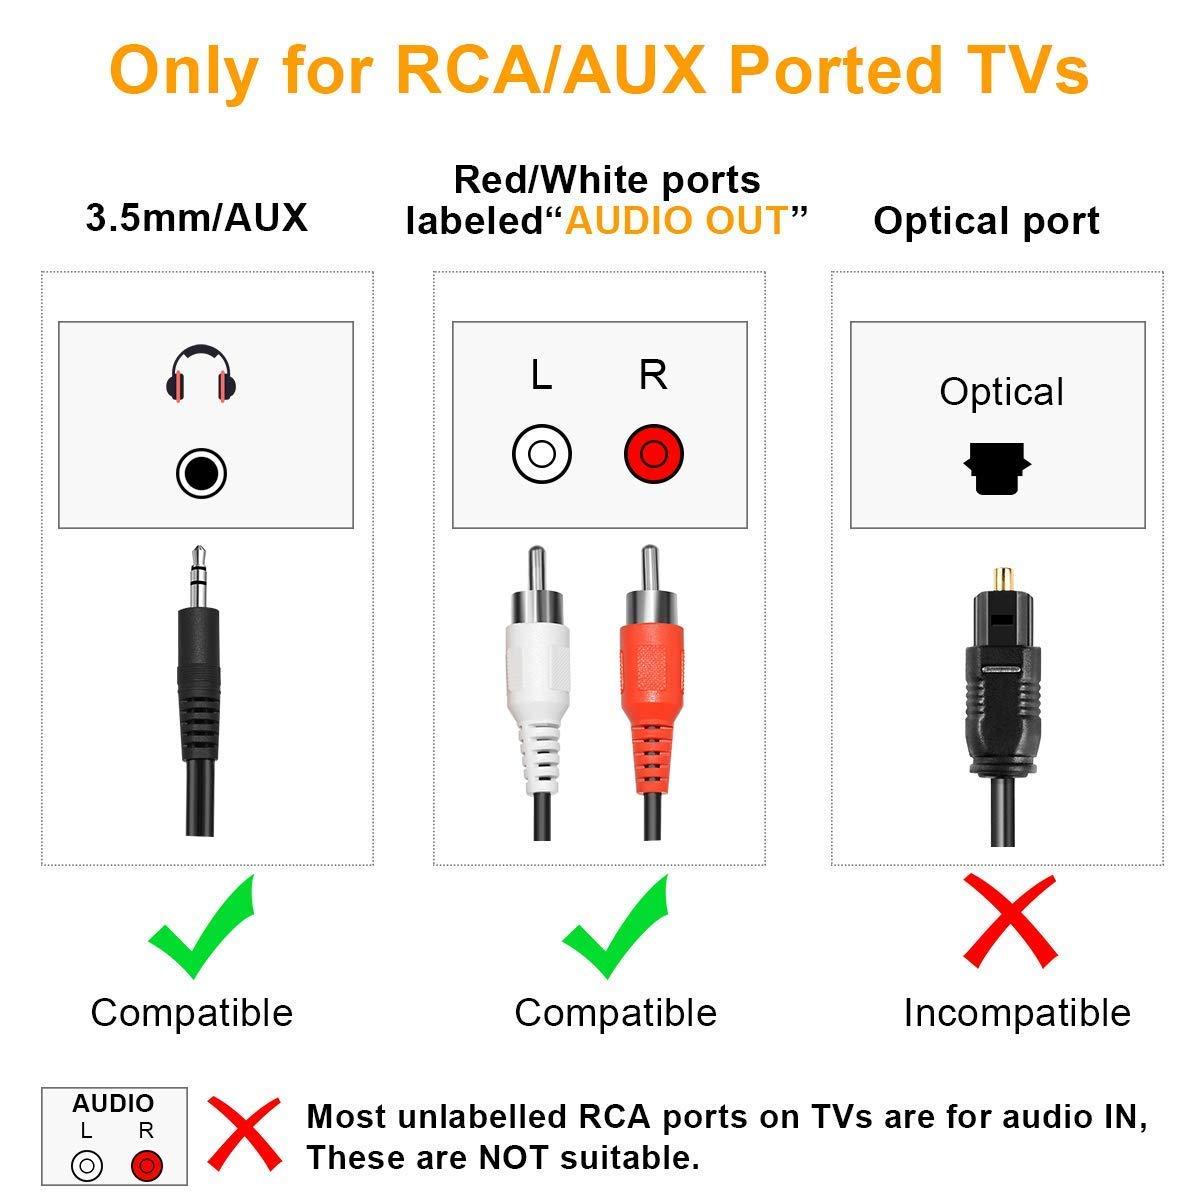 TX9 Transmisor Bluetooth para TV Alta Fidelidad Est/éreo Baja Latencia PC soporta 3.5mm, RCA, USB Audio de PC Conexi/ón Dual Adaptador Inal/ámbrico de Audio para Auriculares Plug and Play